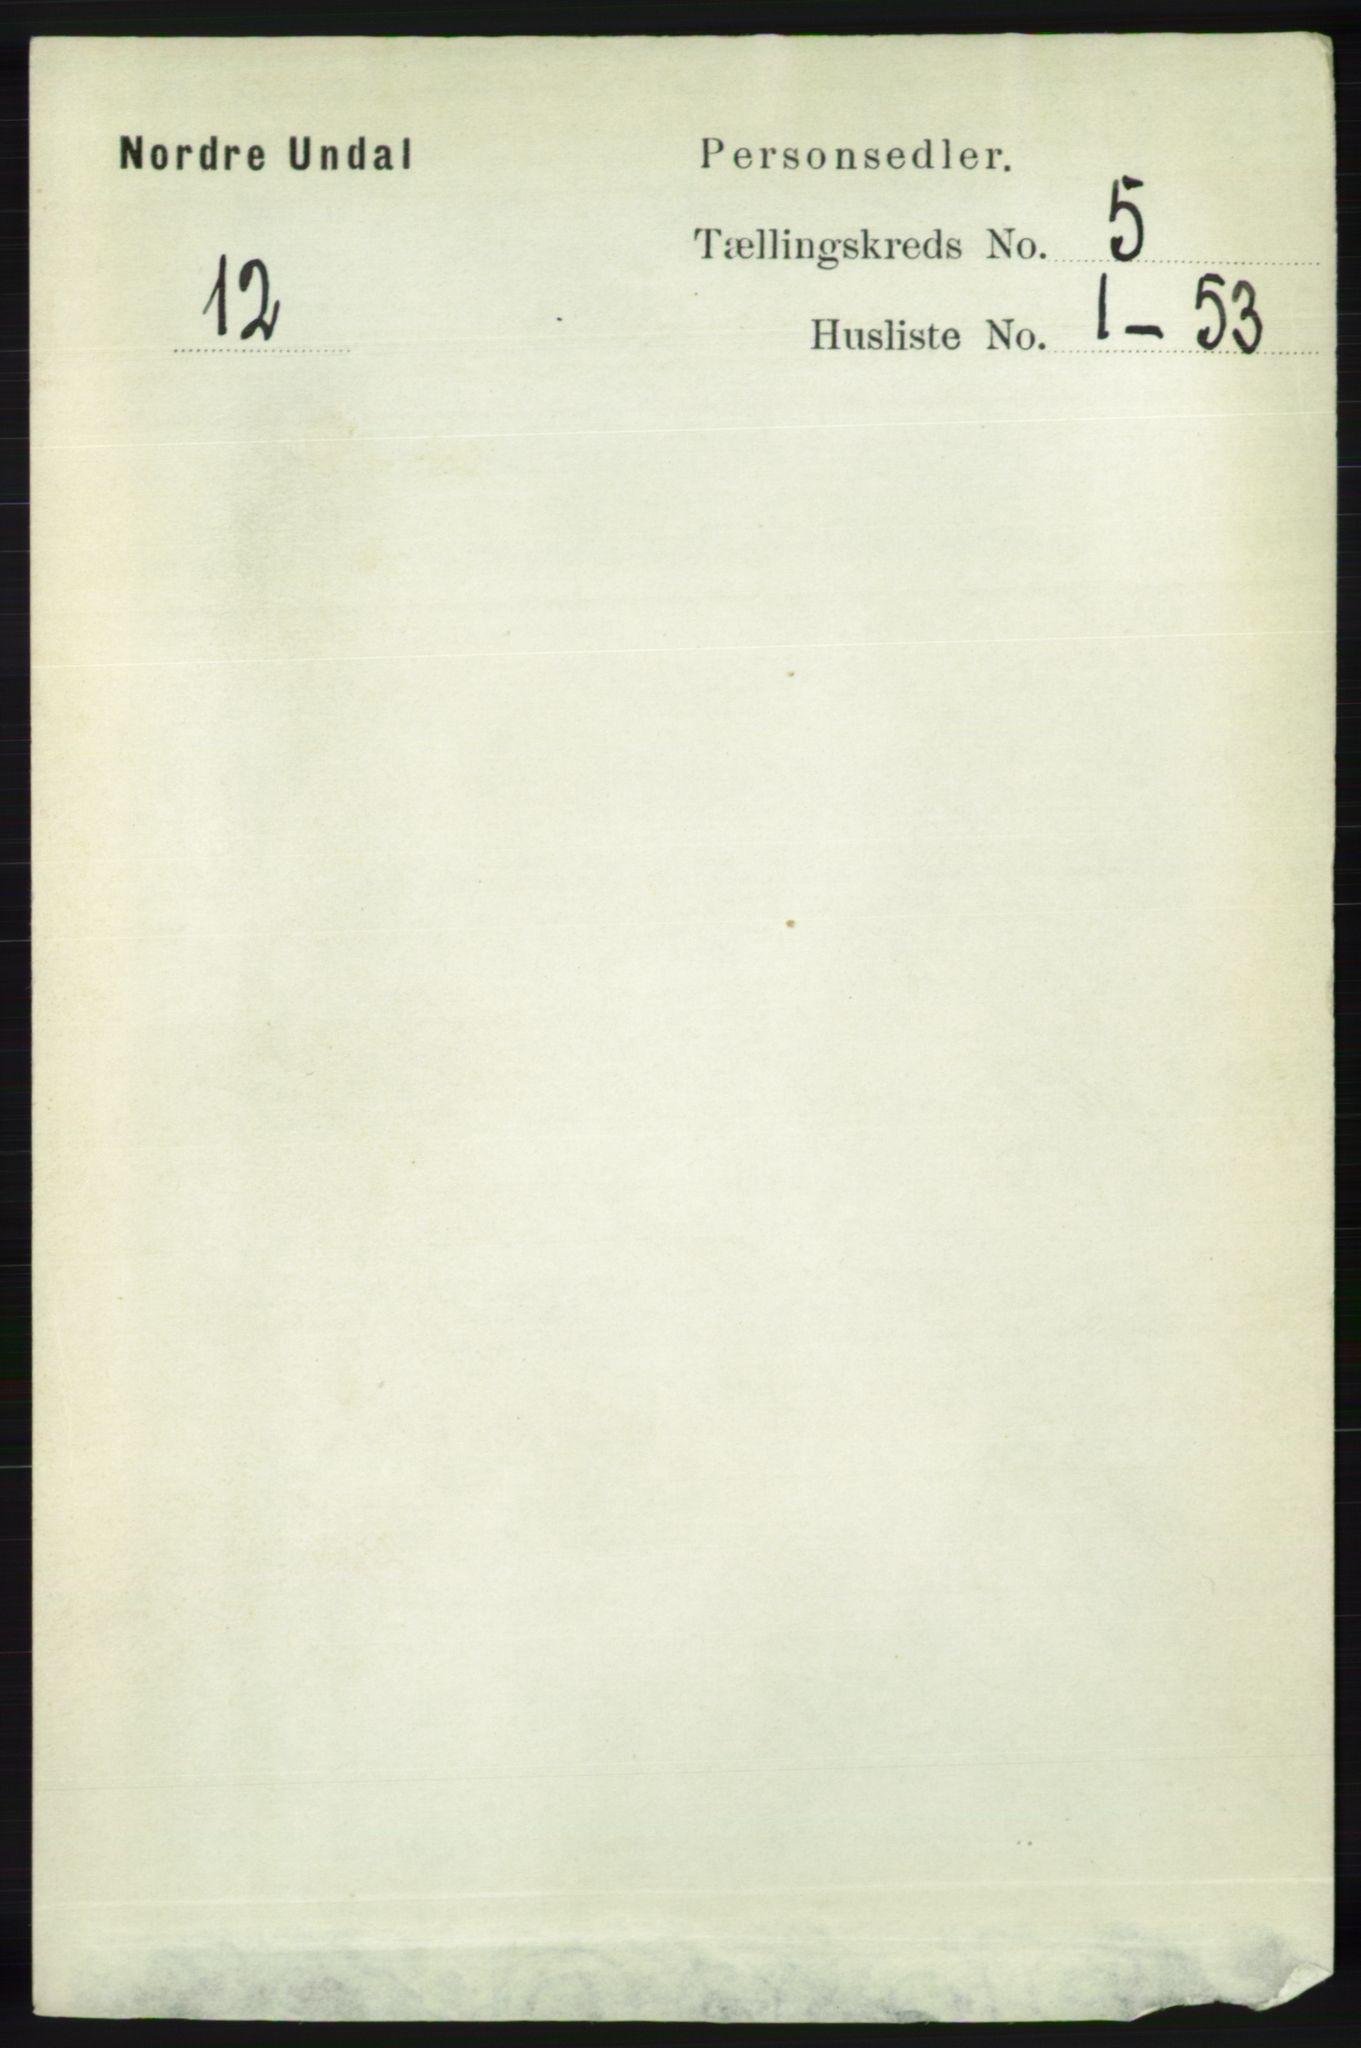 RA, Folketelling 1891 for 1028 Nord-Audnedal herred, 1891, s. 1227